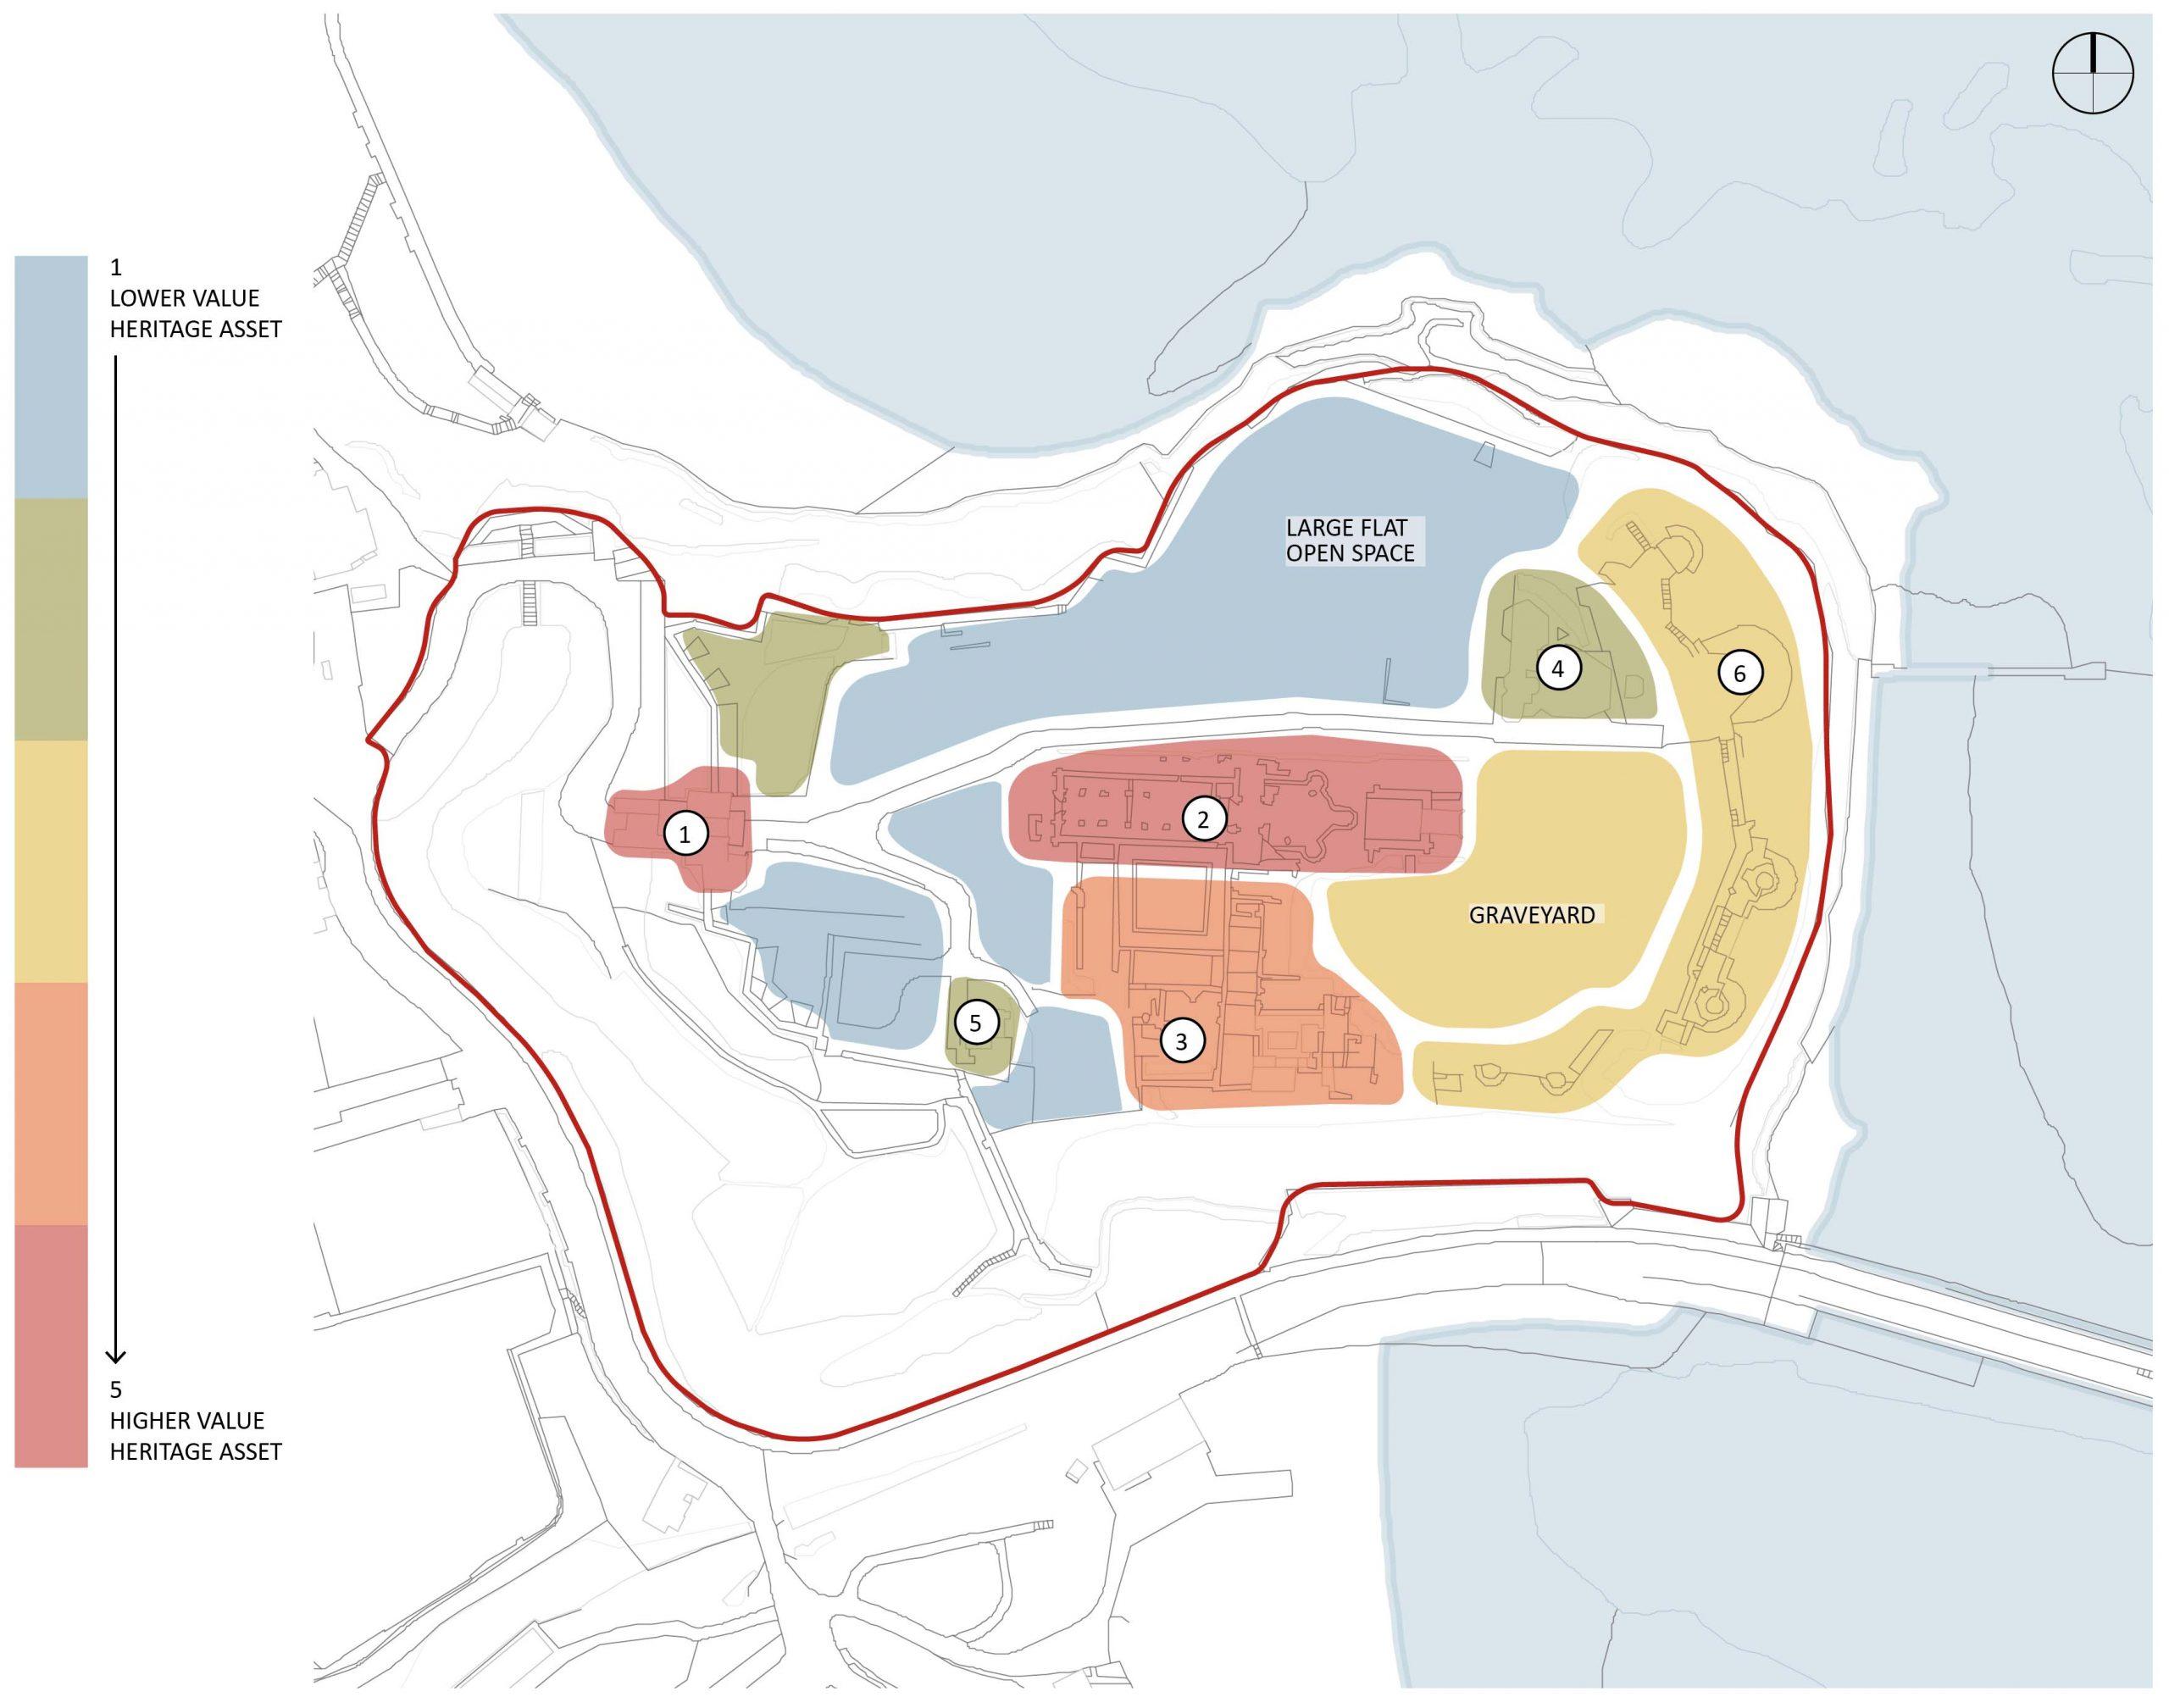 Tynemouth-Priory-Hertitage-analysis